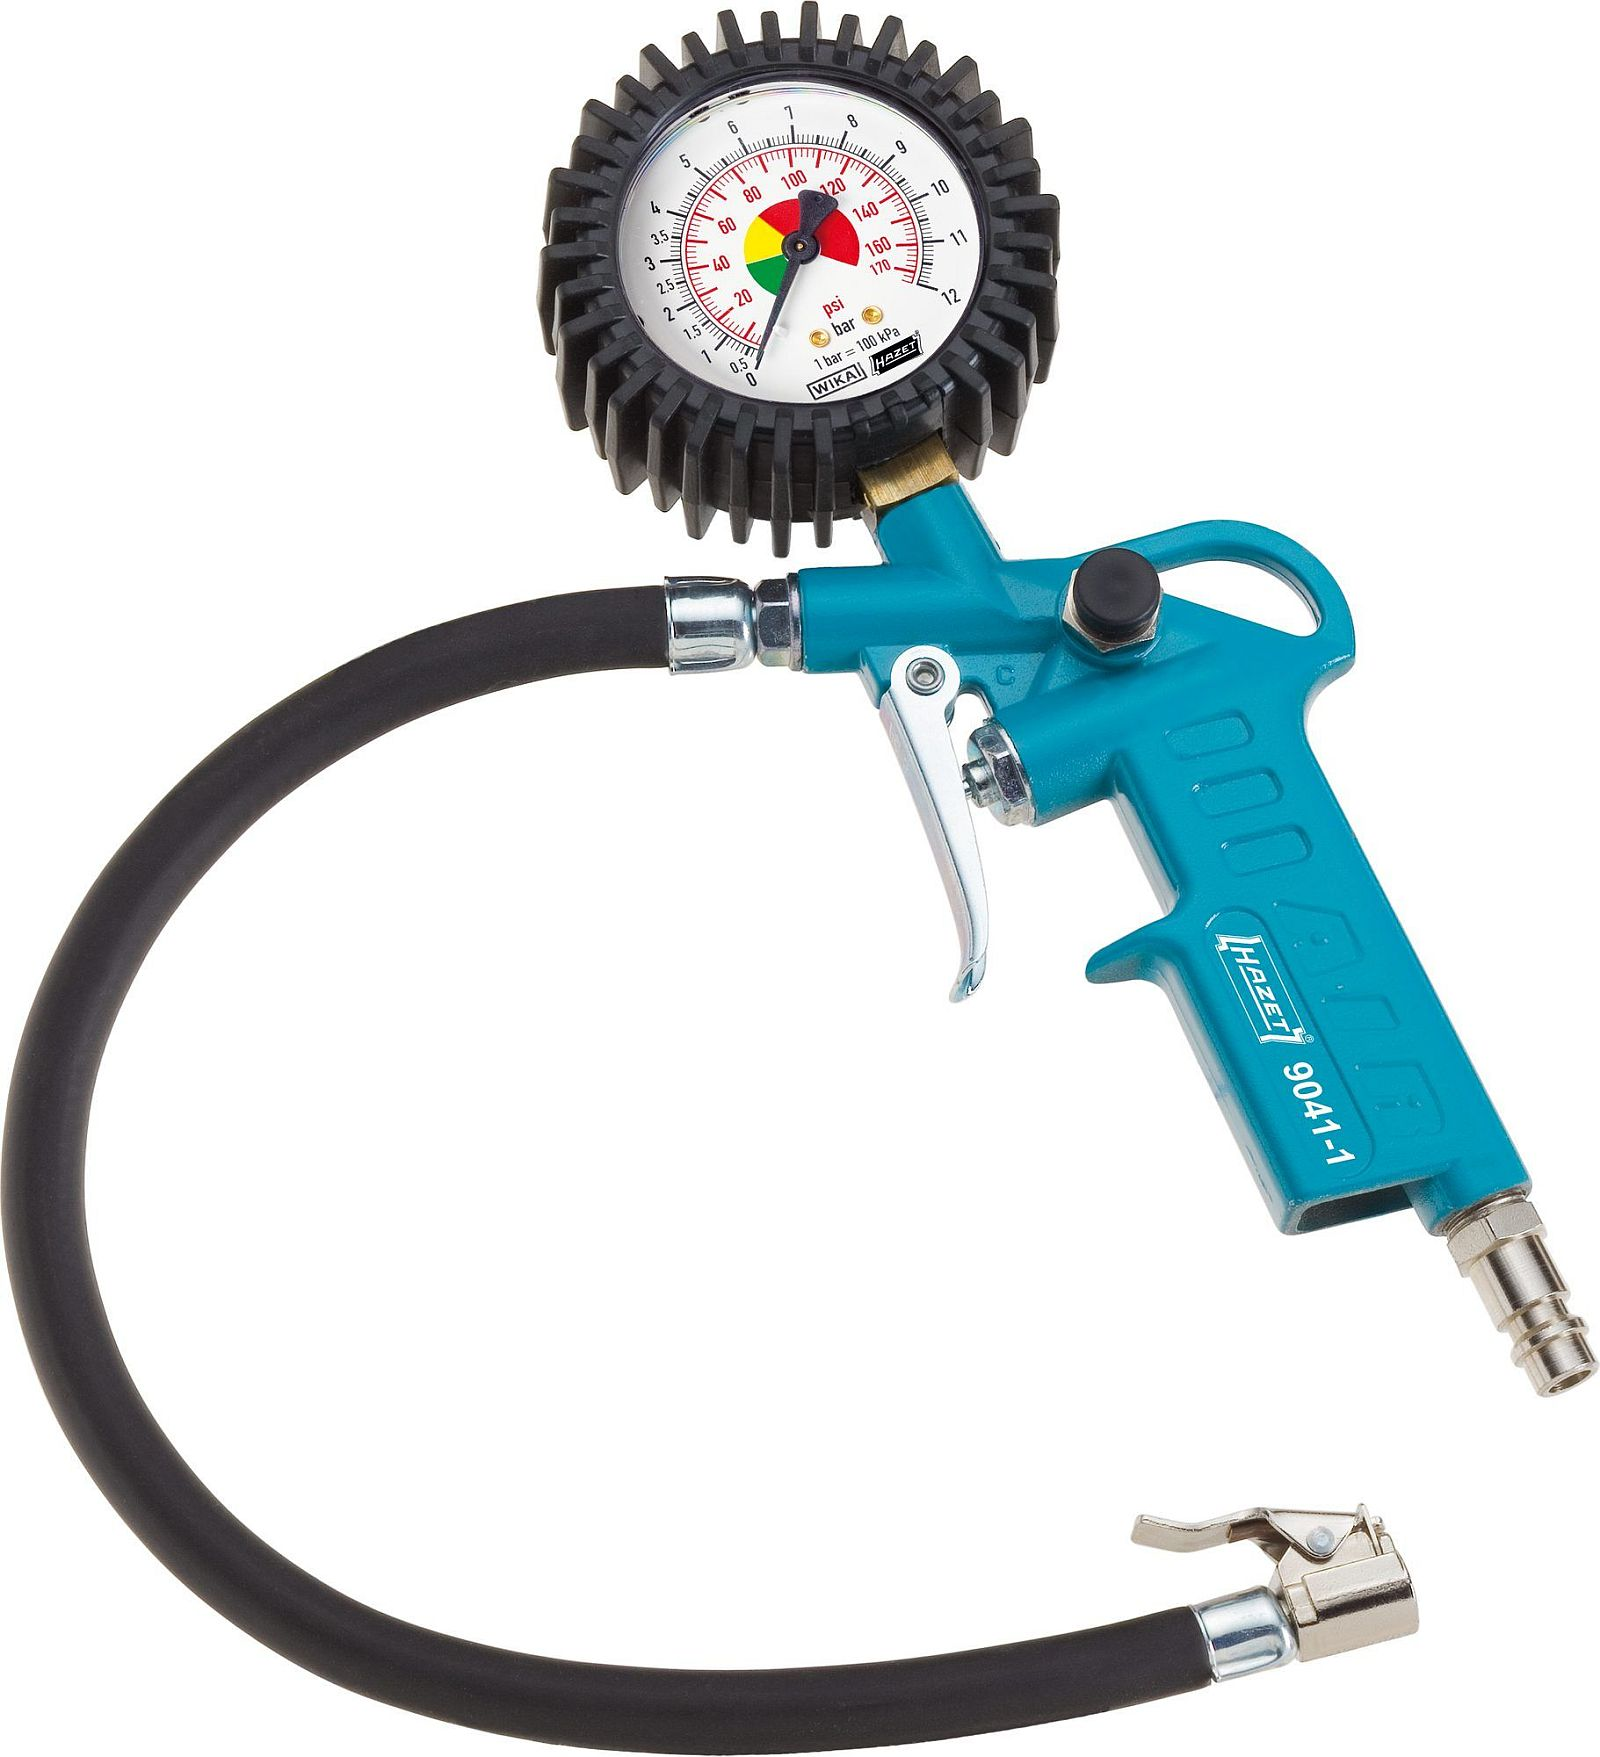 Hazet-Reifenfuell-Messgeraet-Reifenfueller-Luftdruckpruefer-9041-1